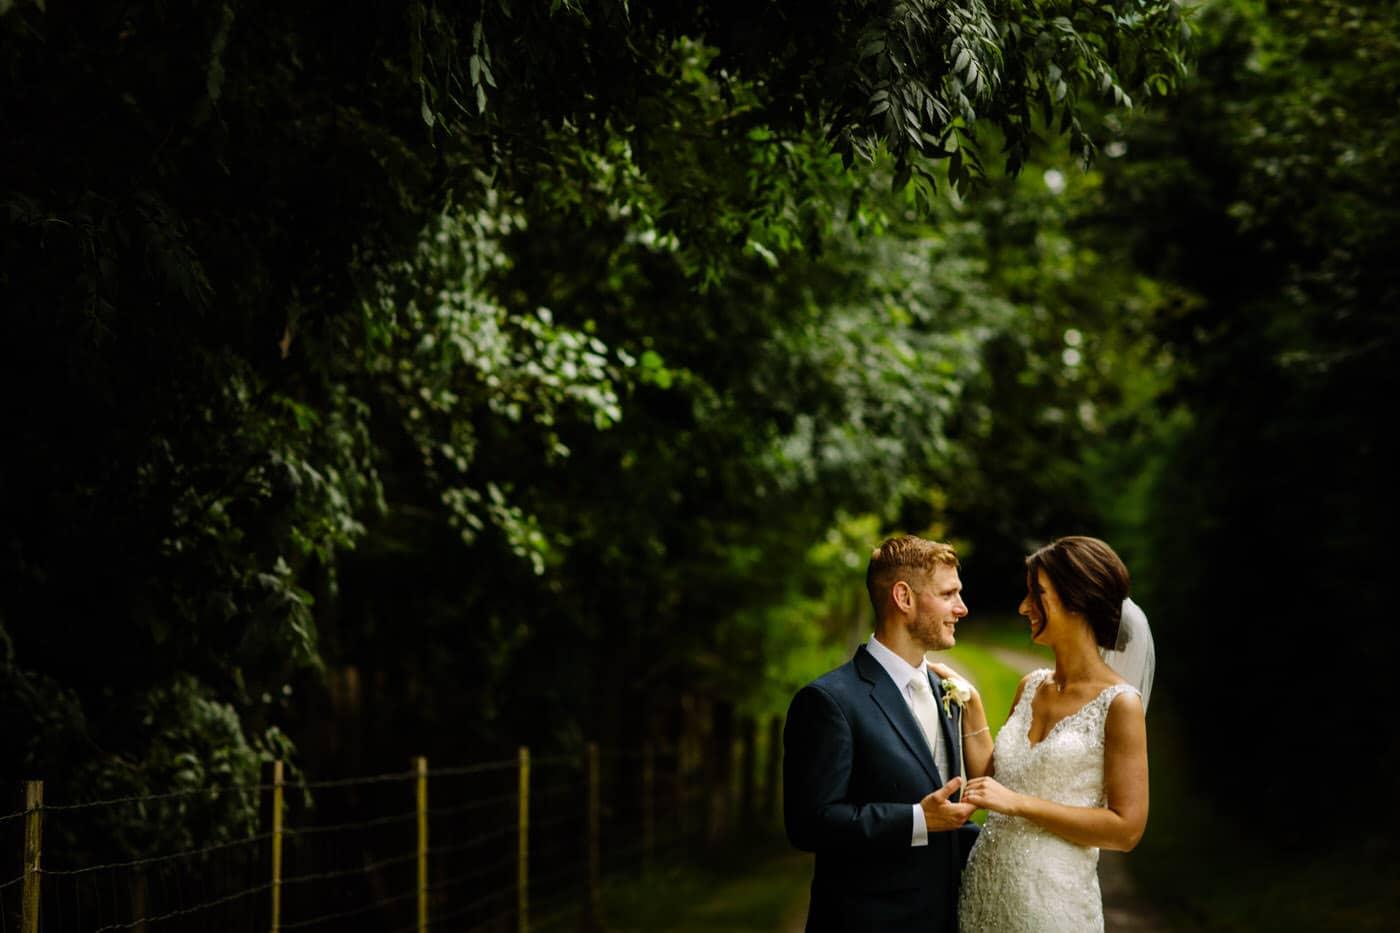 SG NORTH WALES WEDDING 818